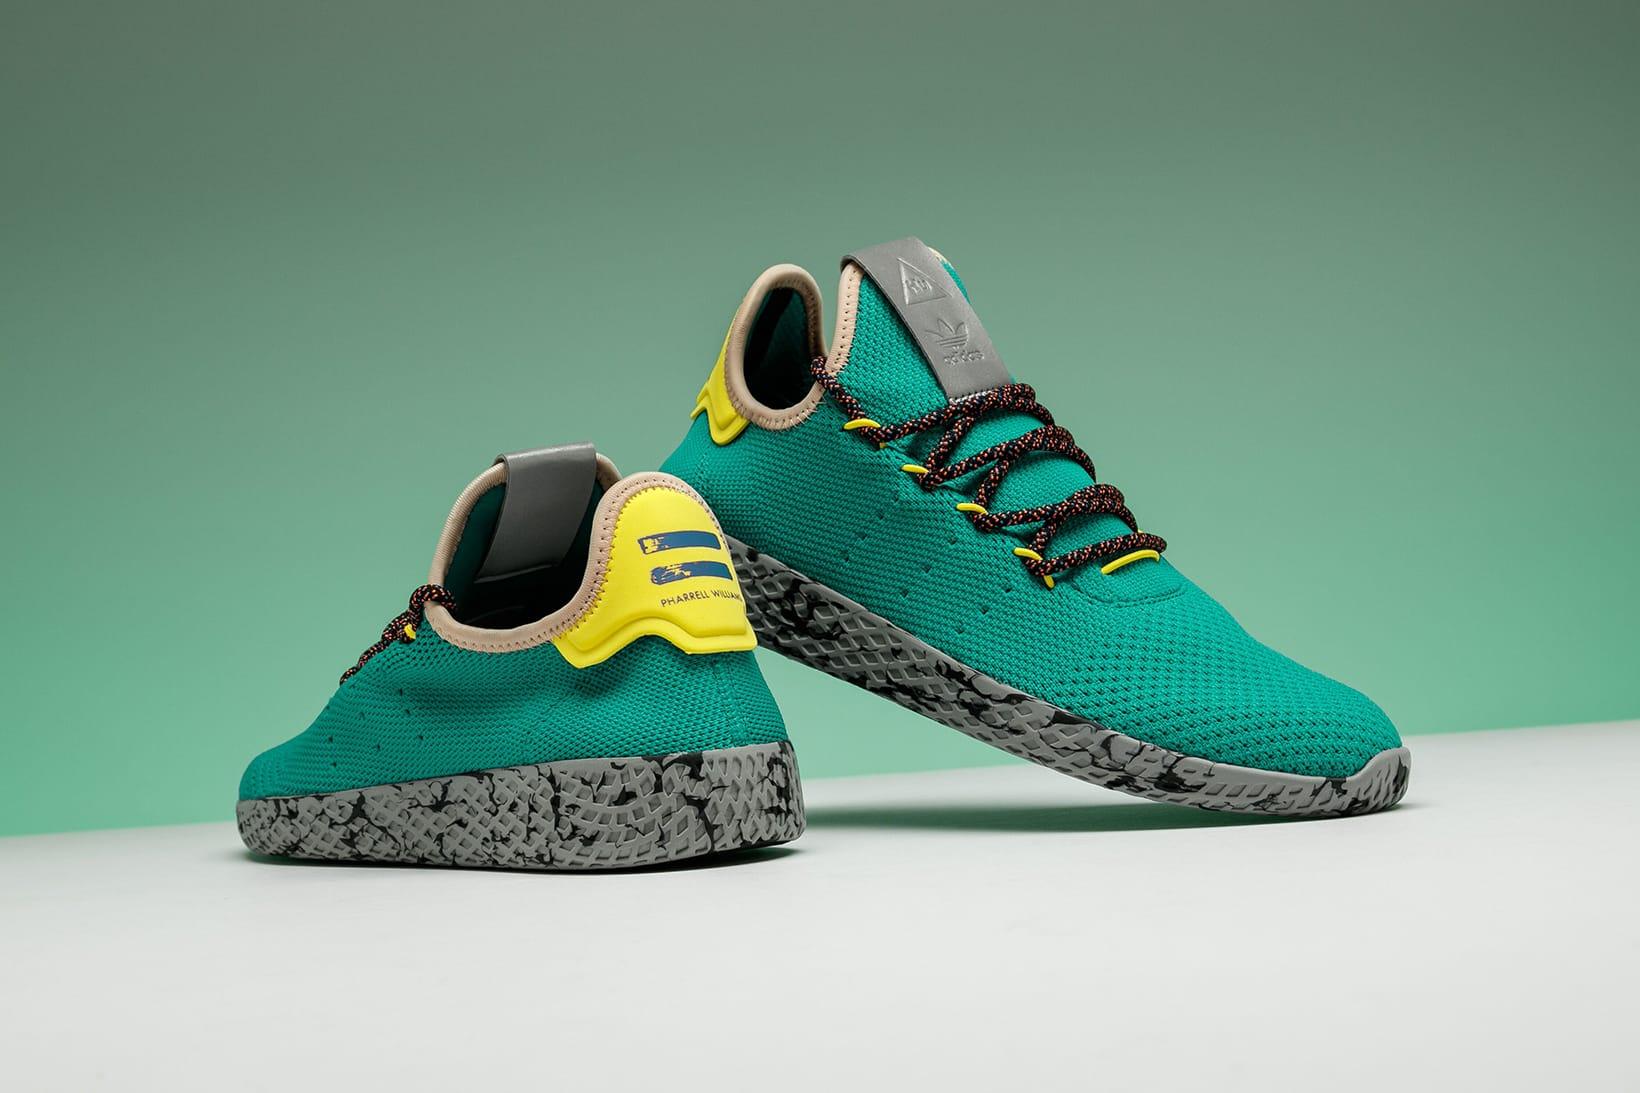 adidas Pharrell Tennis Hu Unreleased